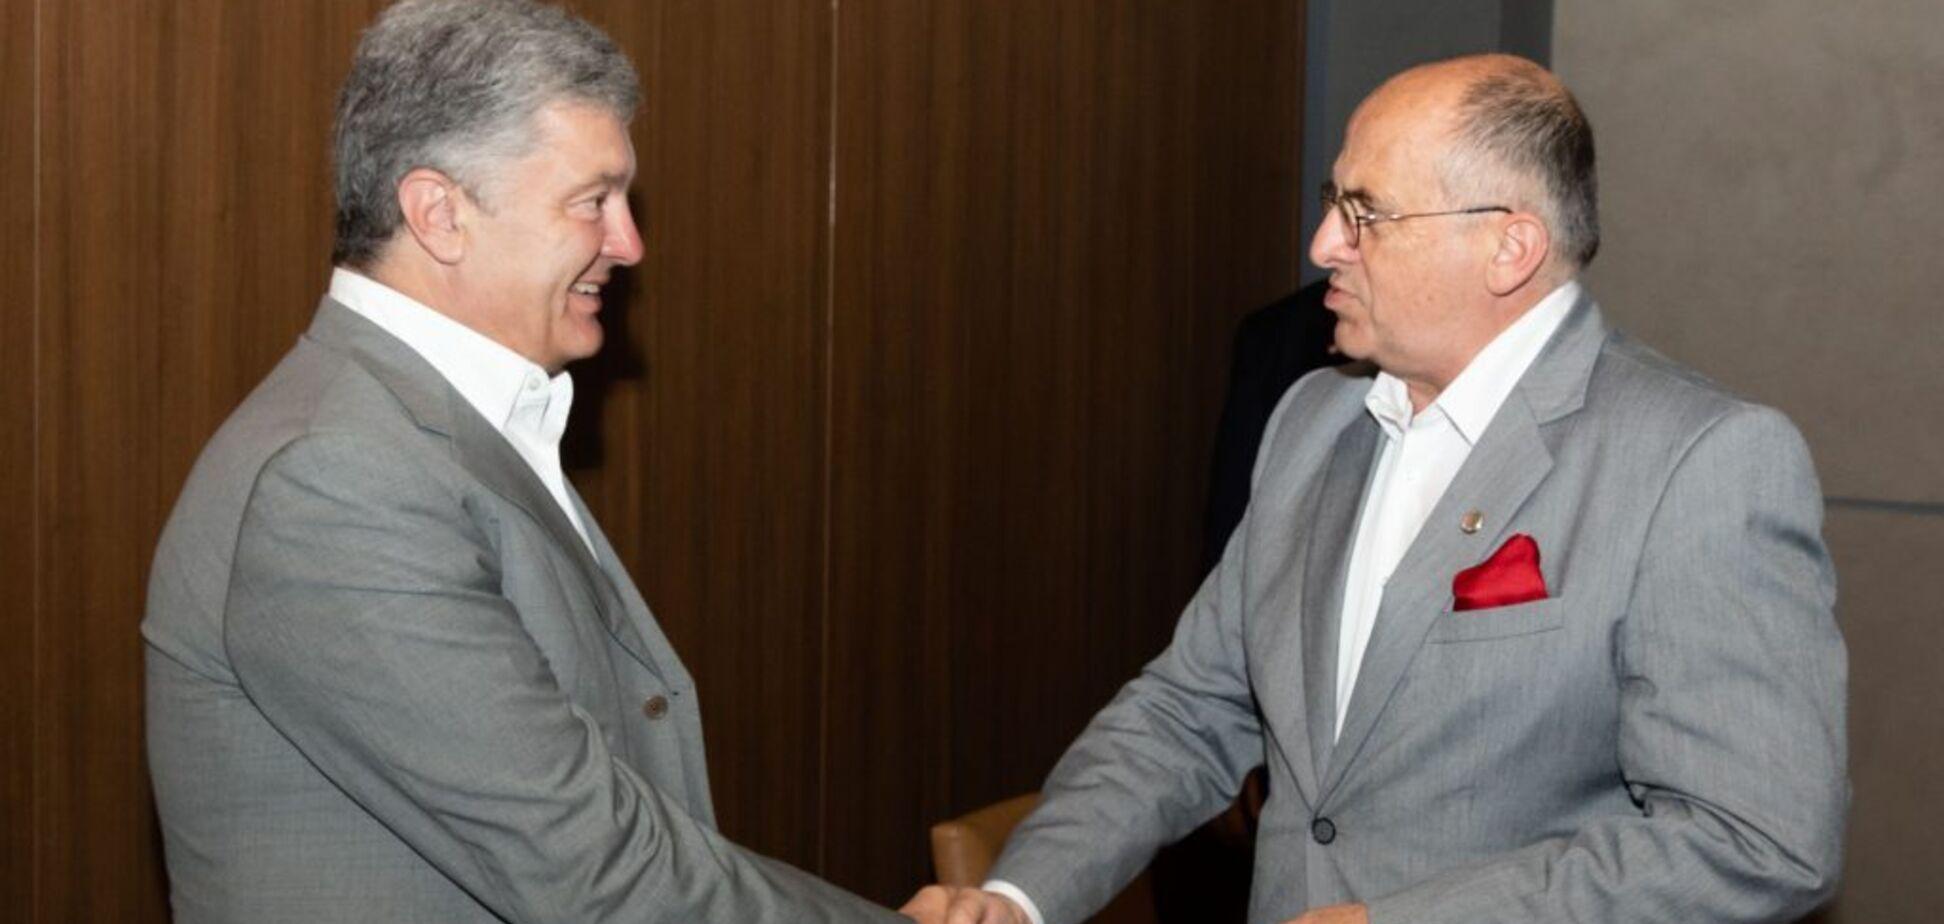 Порошенко обсудил с главой МИД Польши Северный поток-2 и деоккупацию Крыма